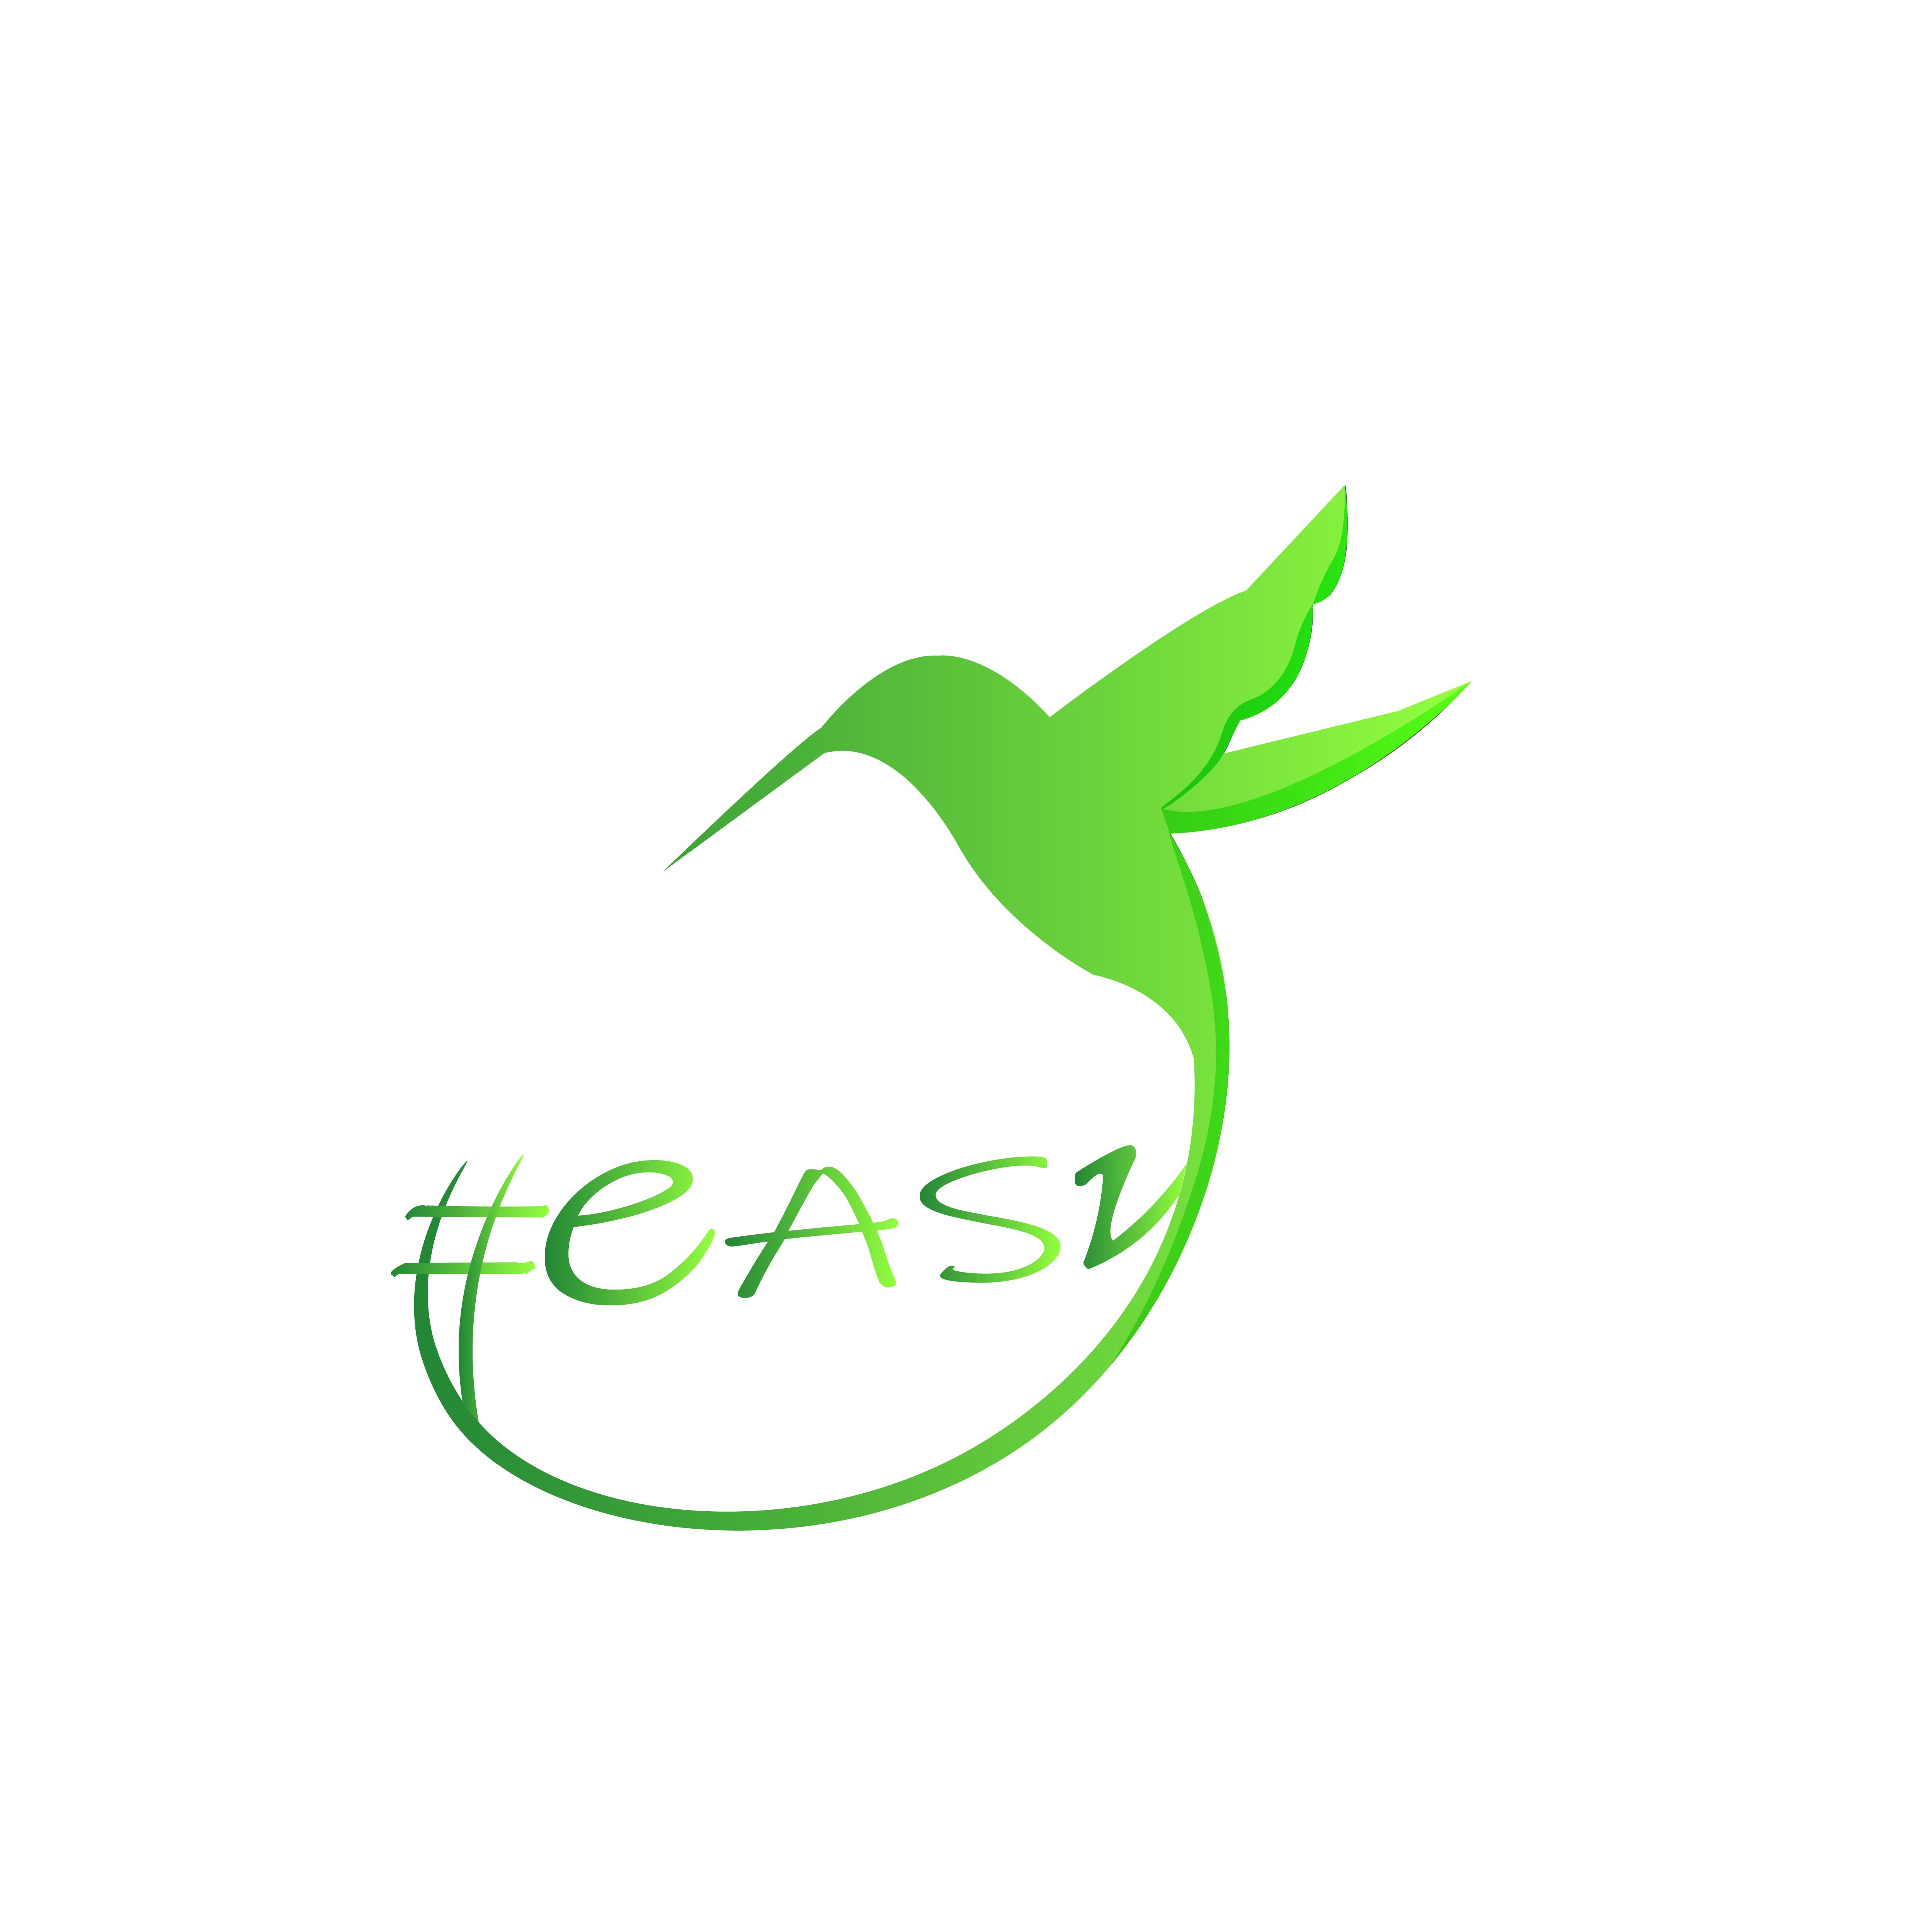 Разработка логотипа в виде хэштега #easy с зеленой колибри  фото f_9715d4faf2389fee.jpg